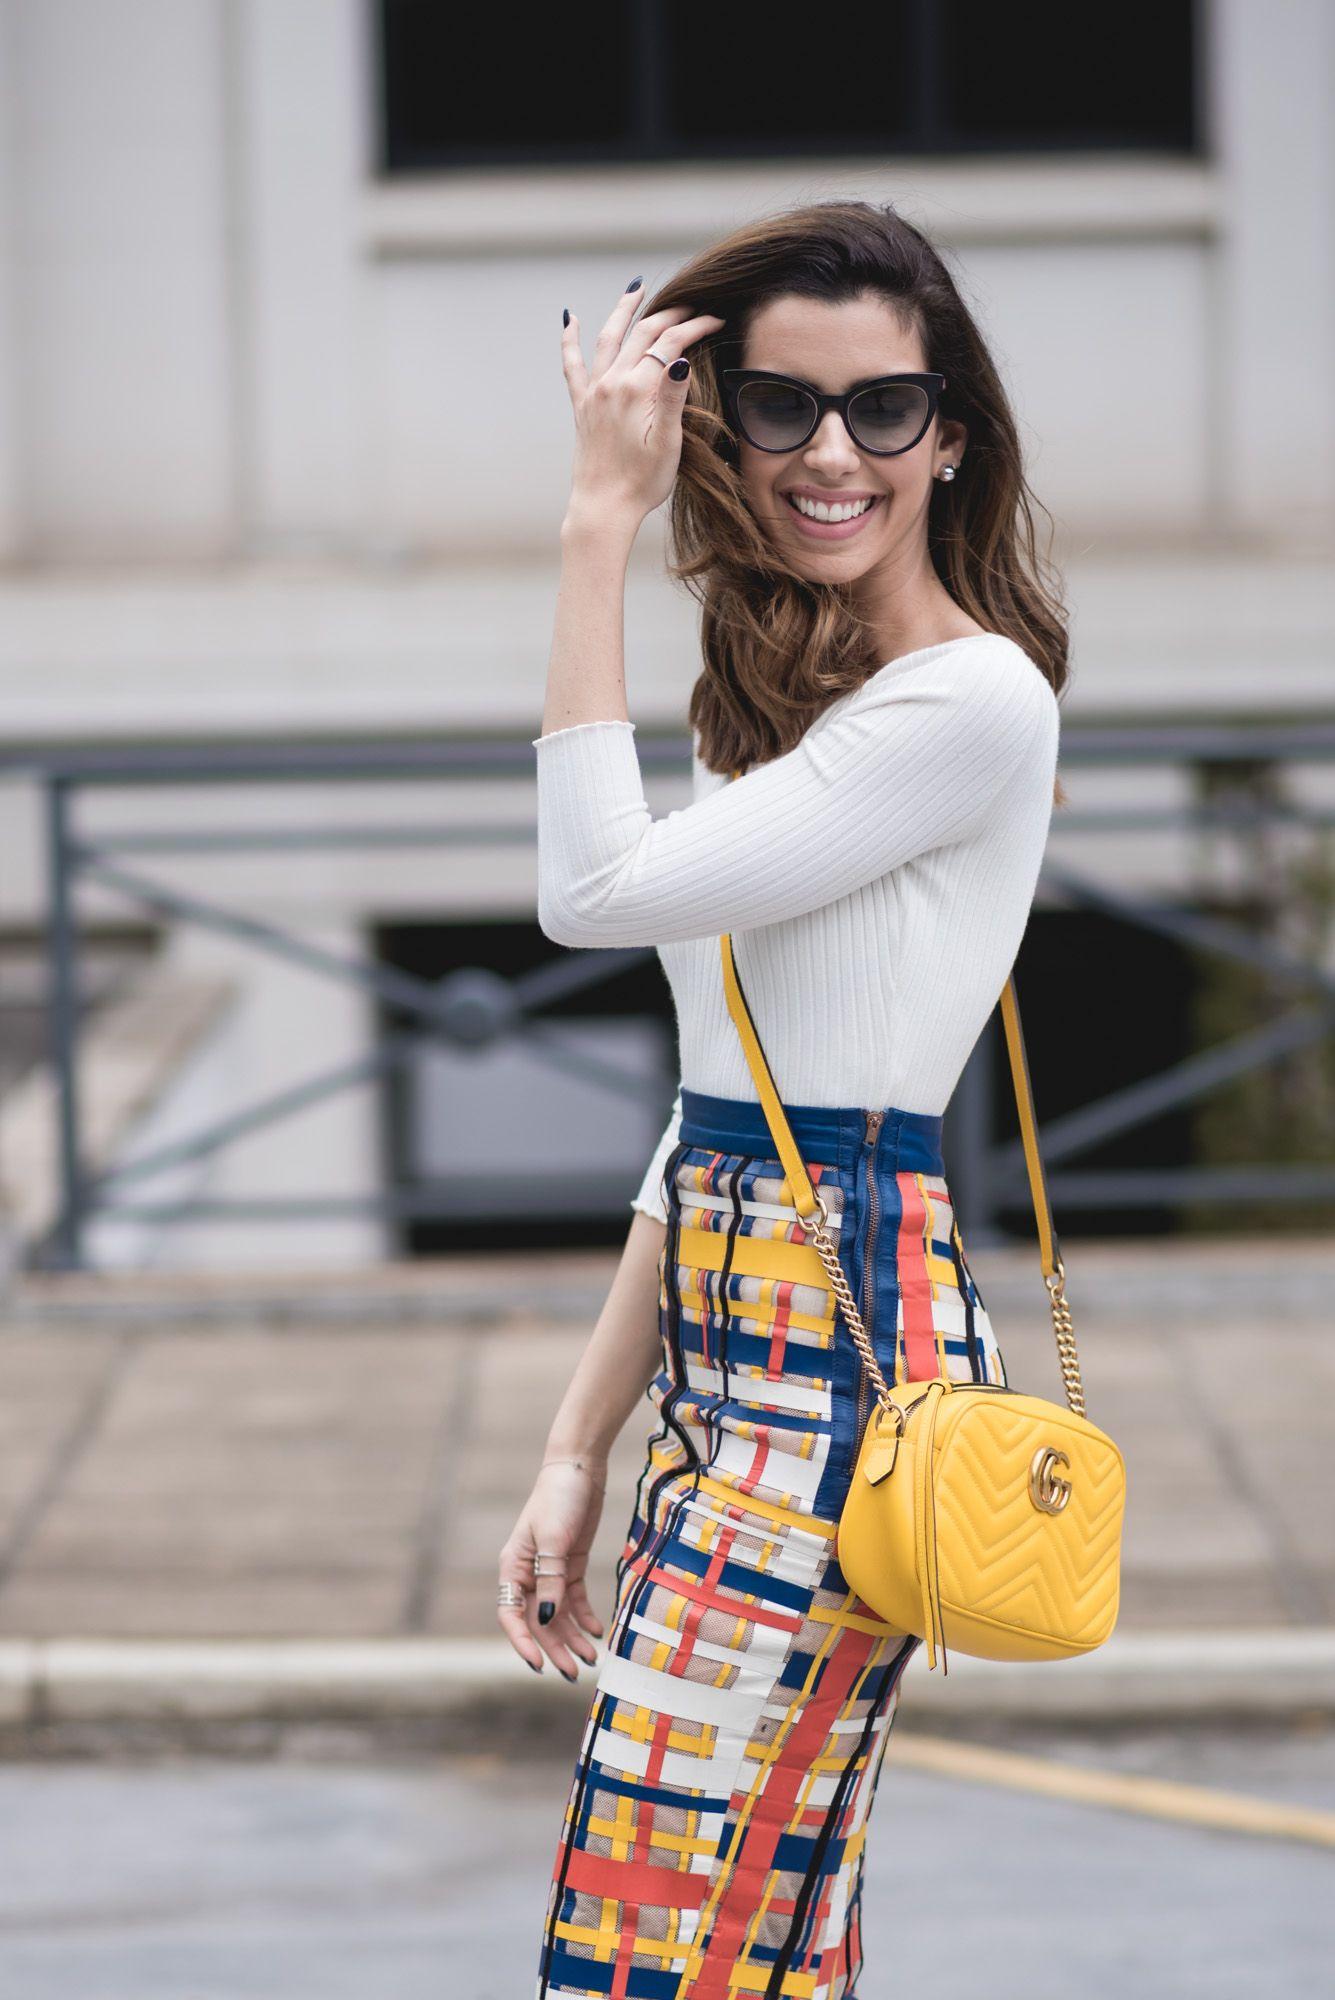 0a4bd3bf9 Look da Camila Coutinho, com blusa básica branca, bolsa amarela e saia  colorida